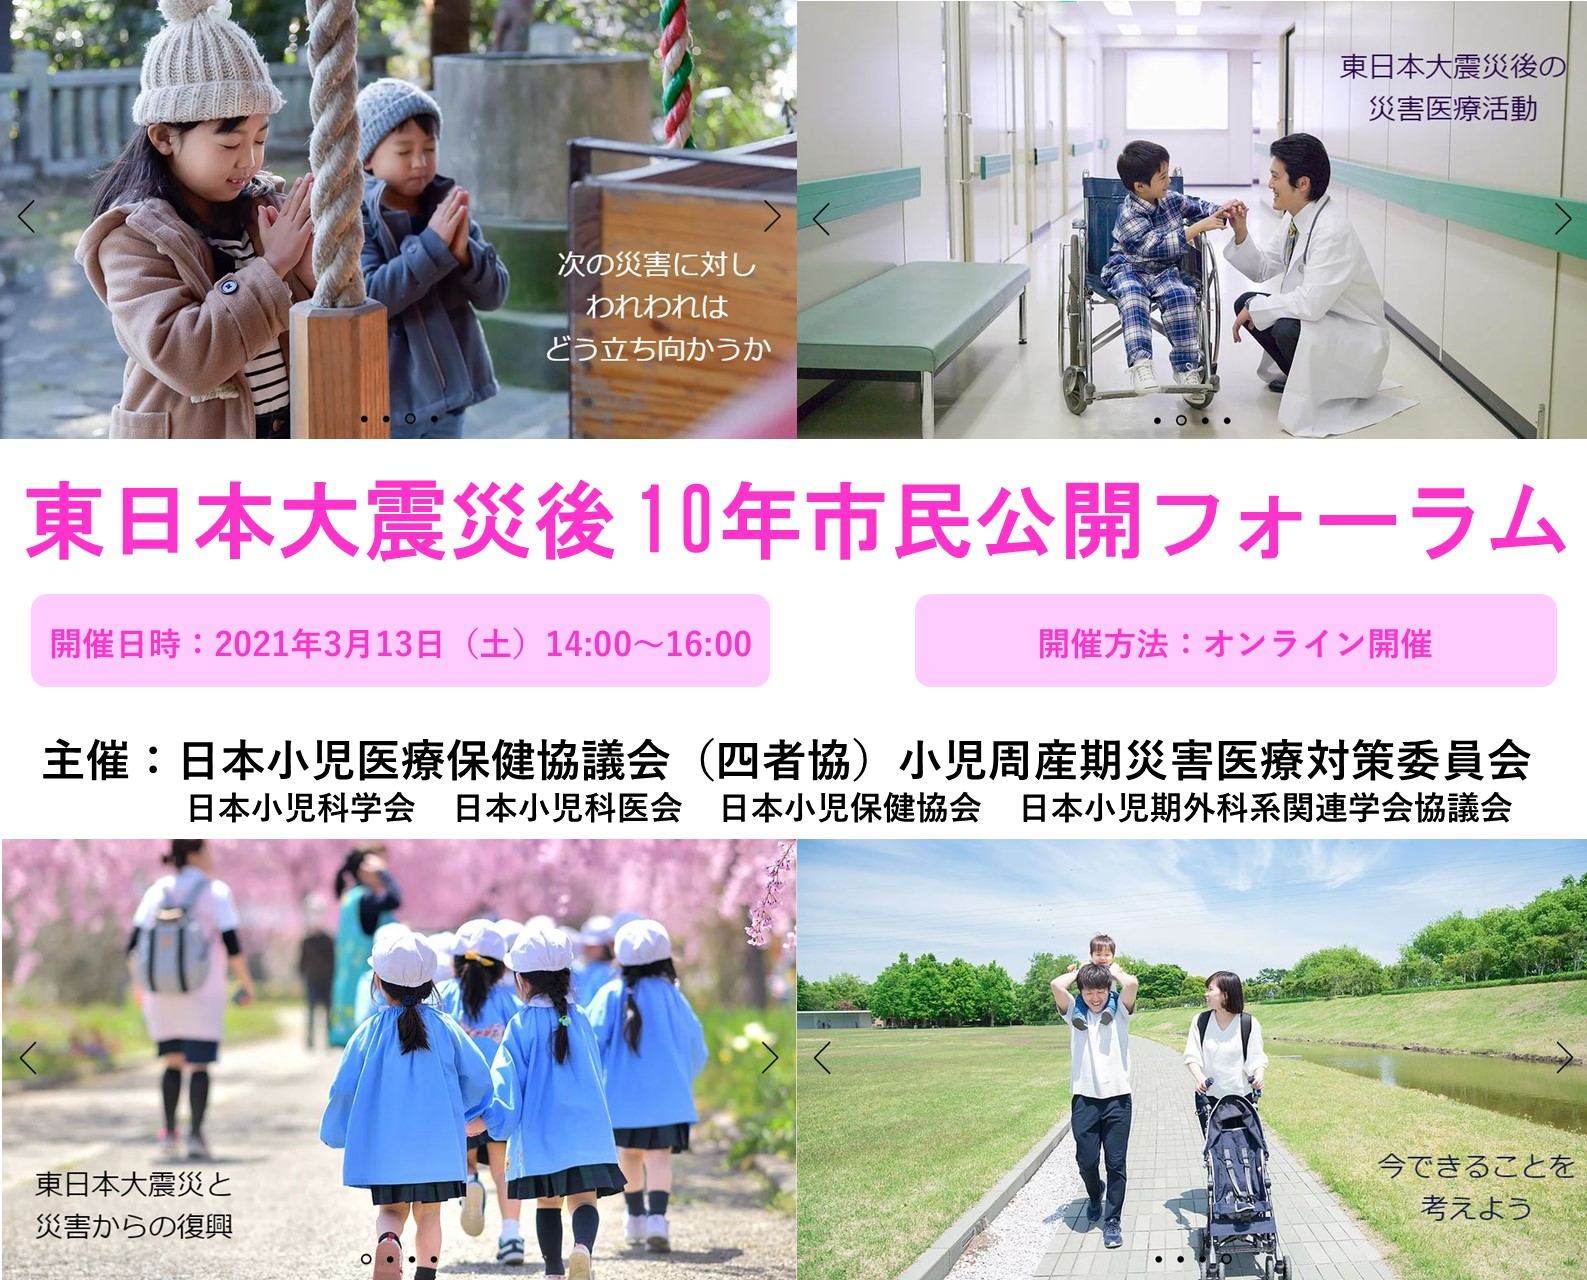 【東日本大震災後 10年市民公開フォーラム】のご案内<2021年3月13日(土)14:00~16:00*オンライン開催>